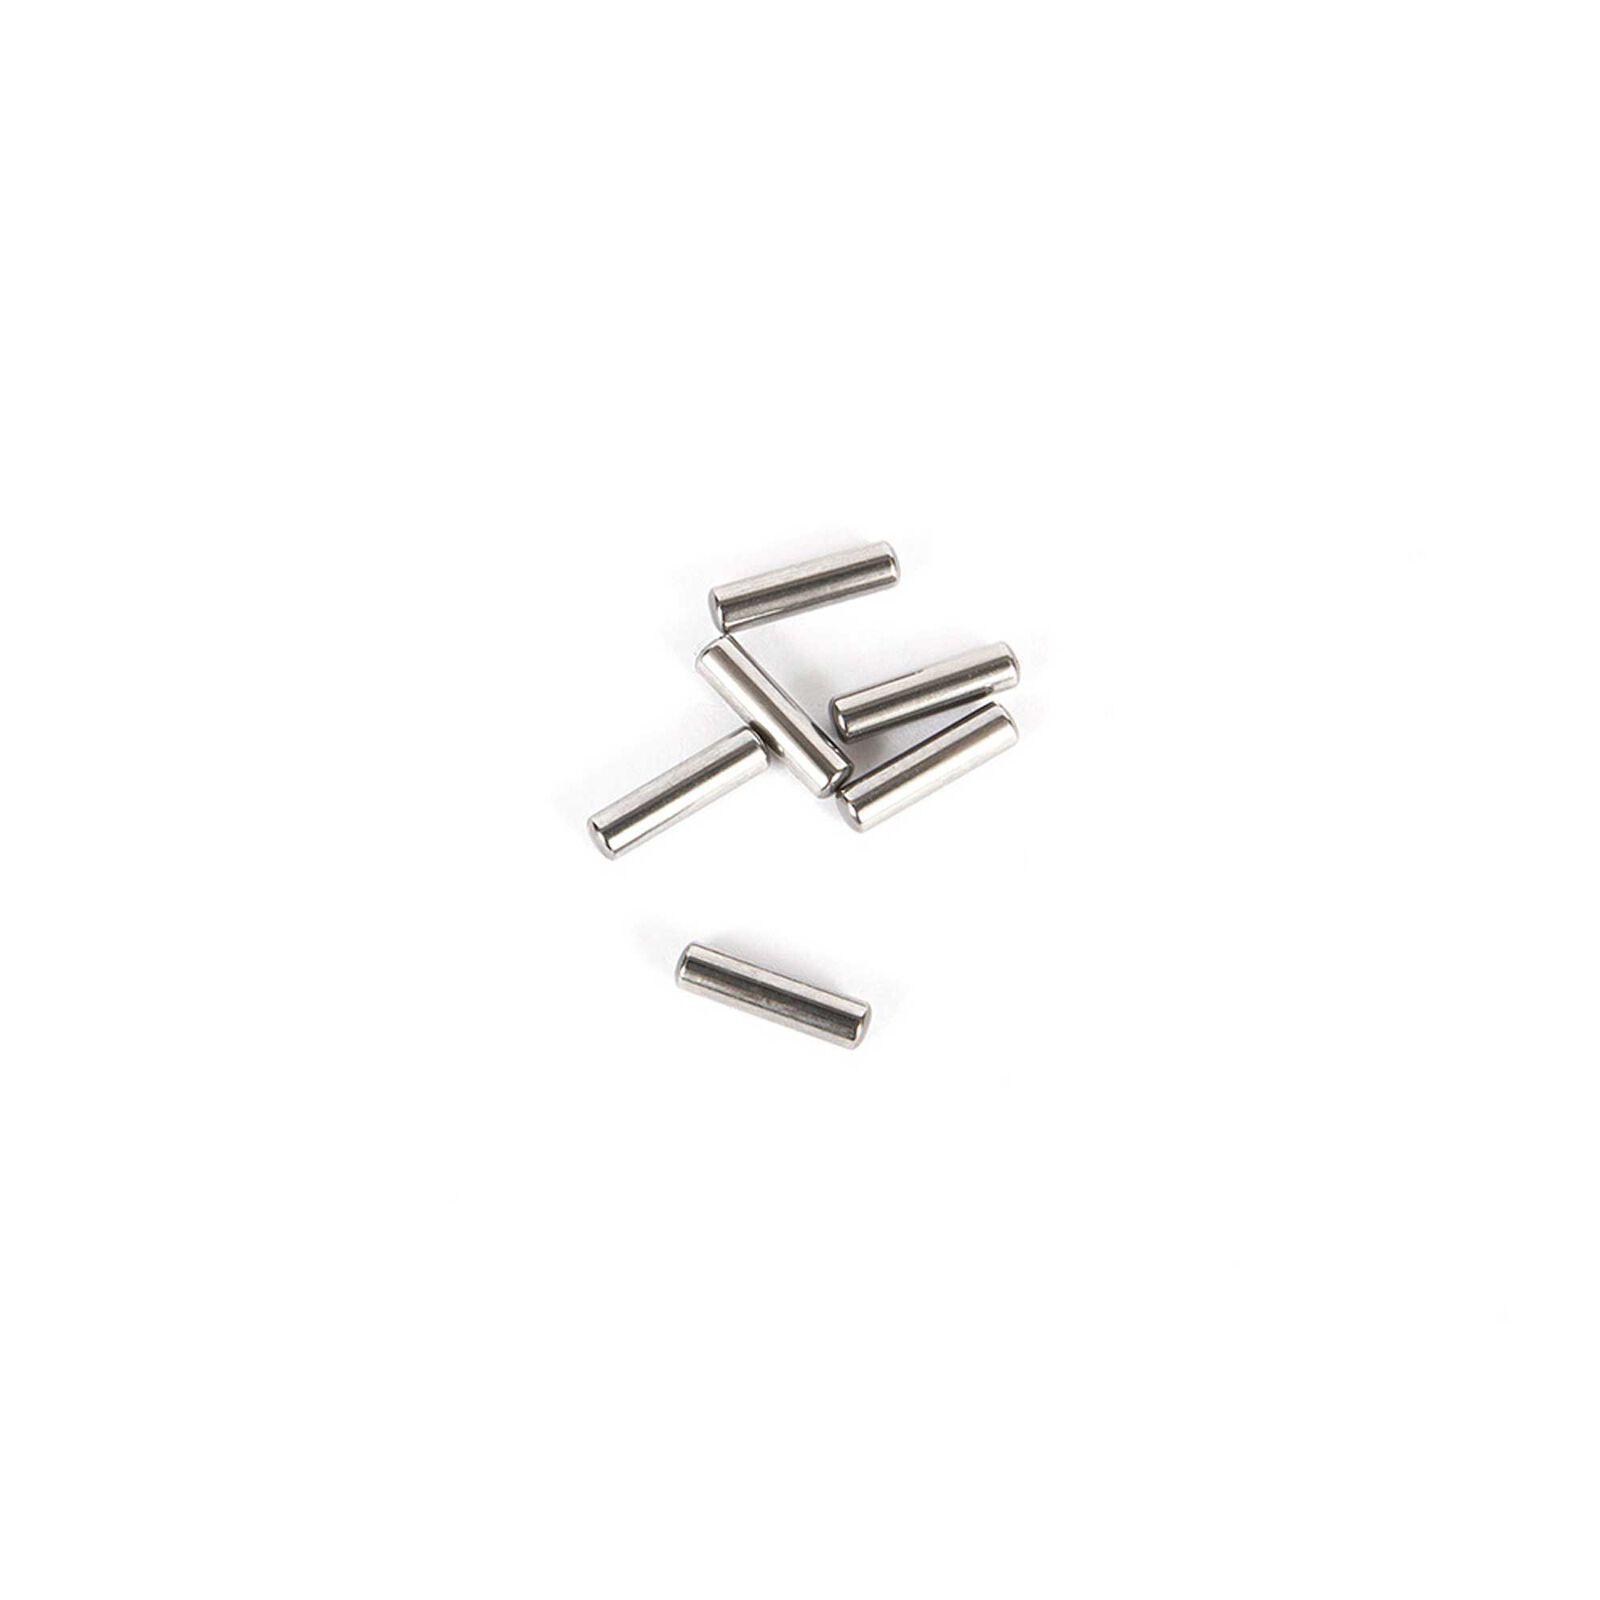 M2.5 x 10mm Pin (6)